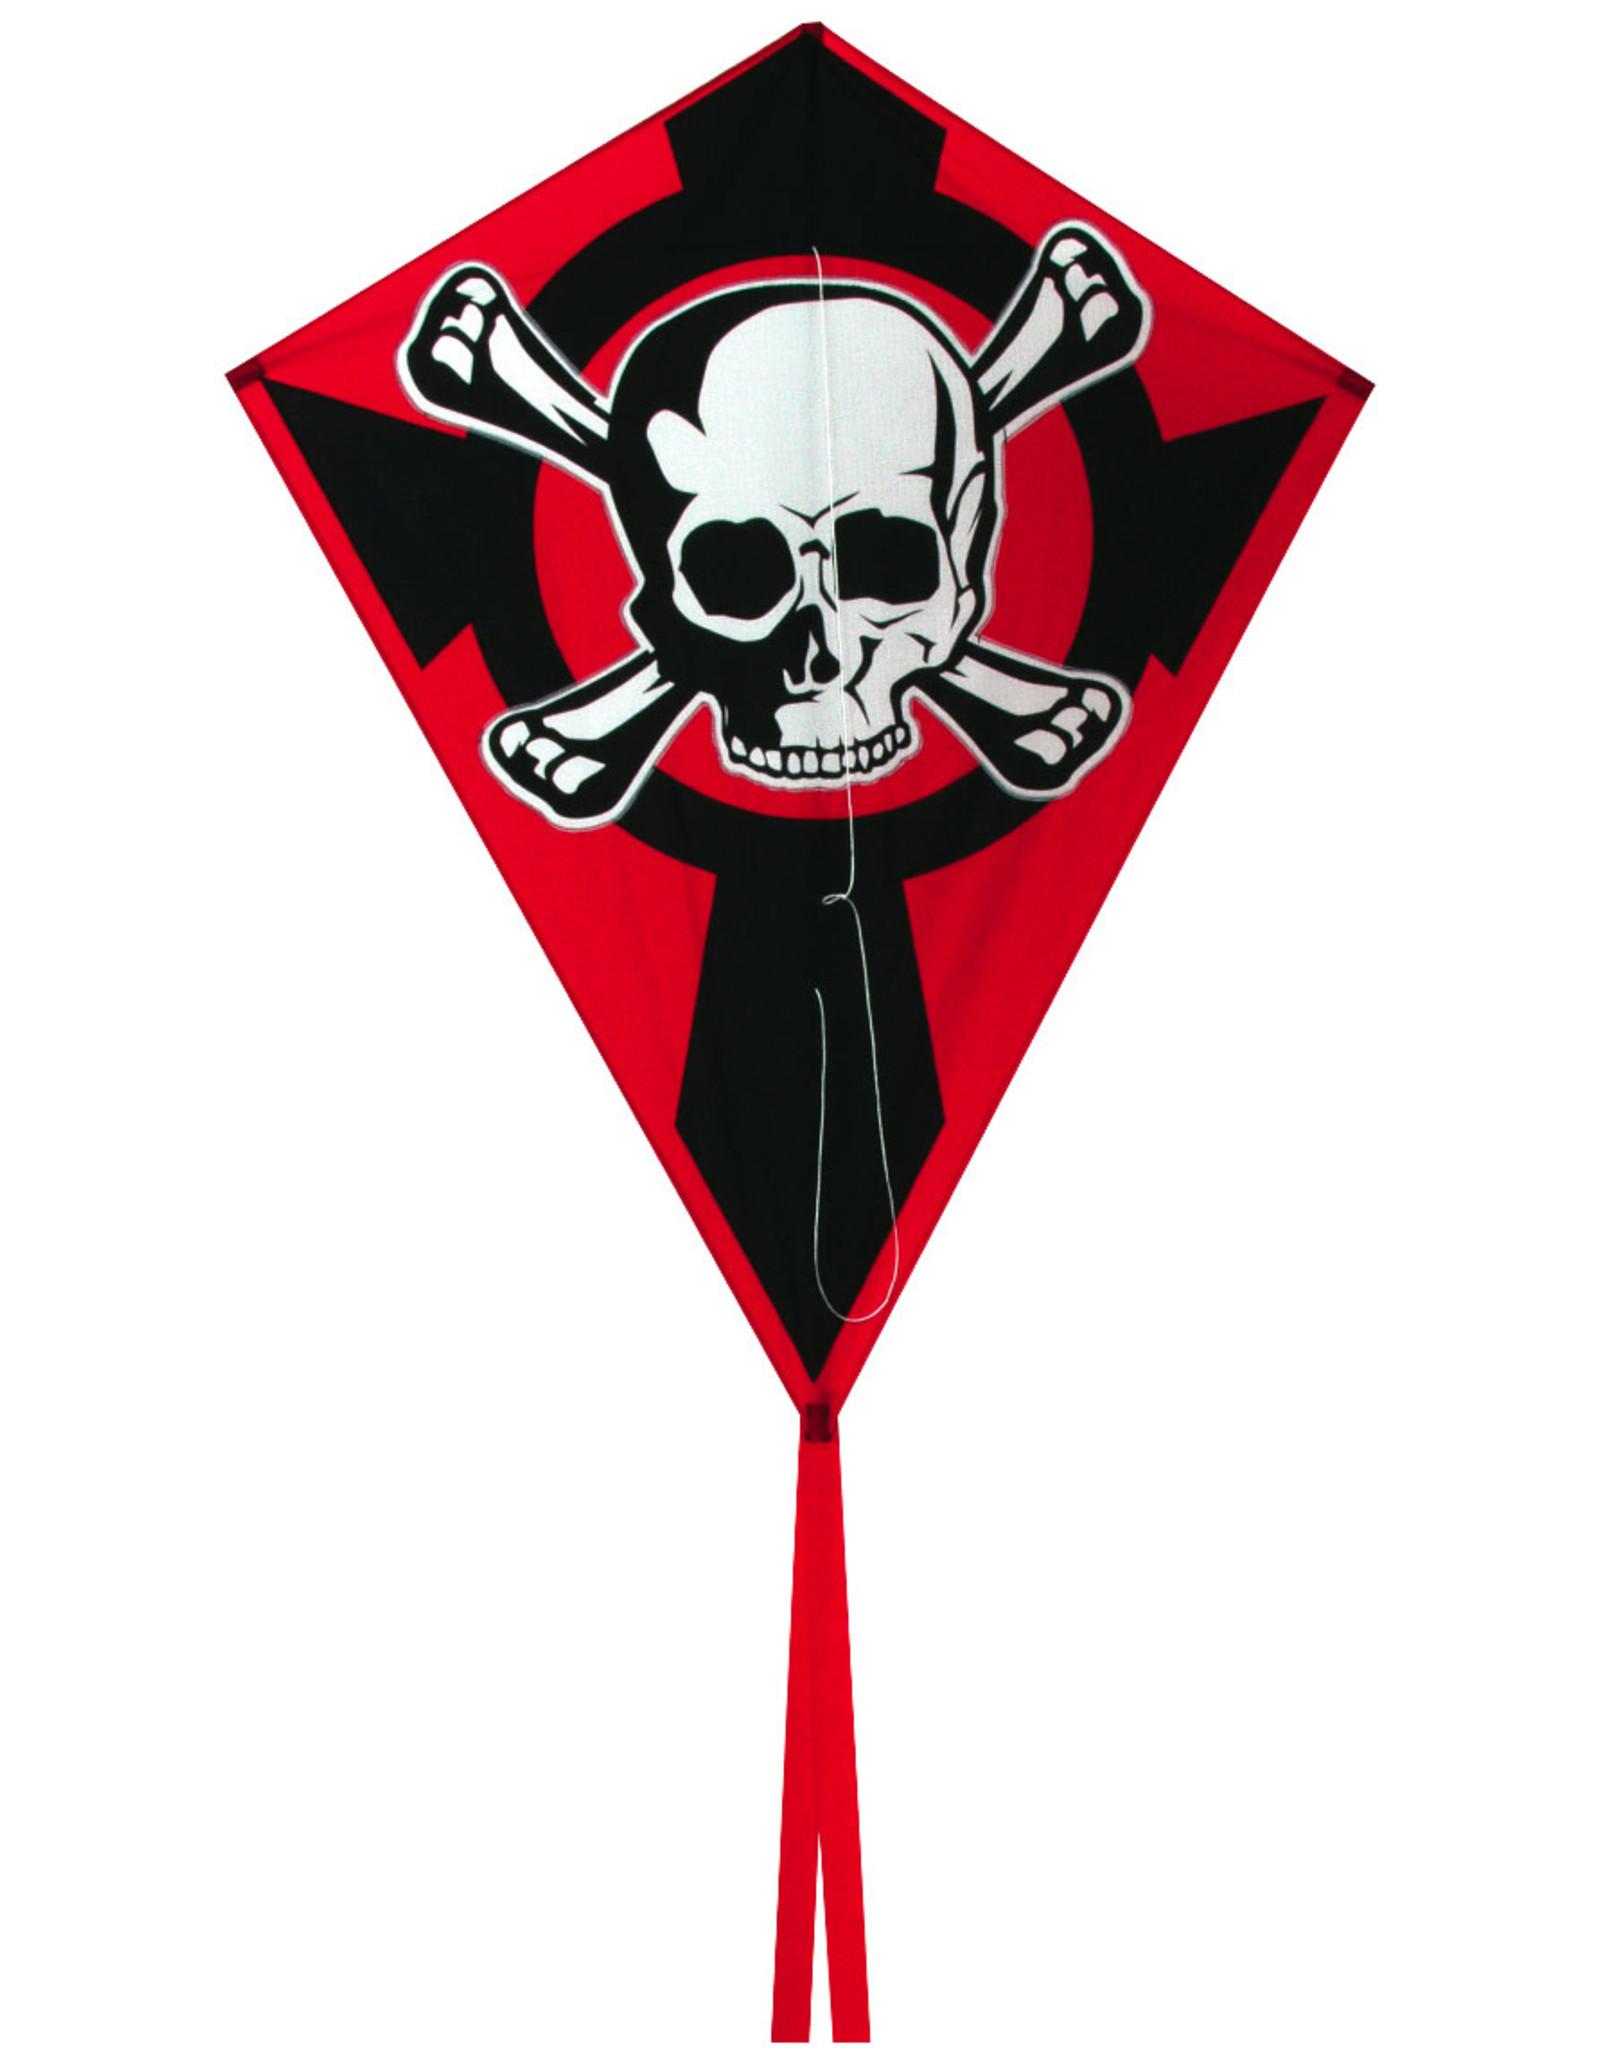 Skydog Kites 40'' PIRATE DIAMOND KITE